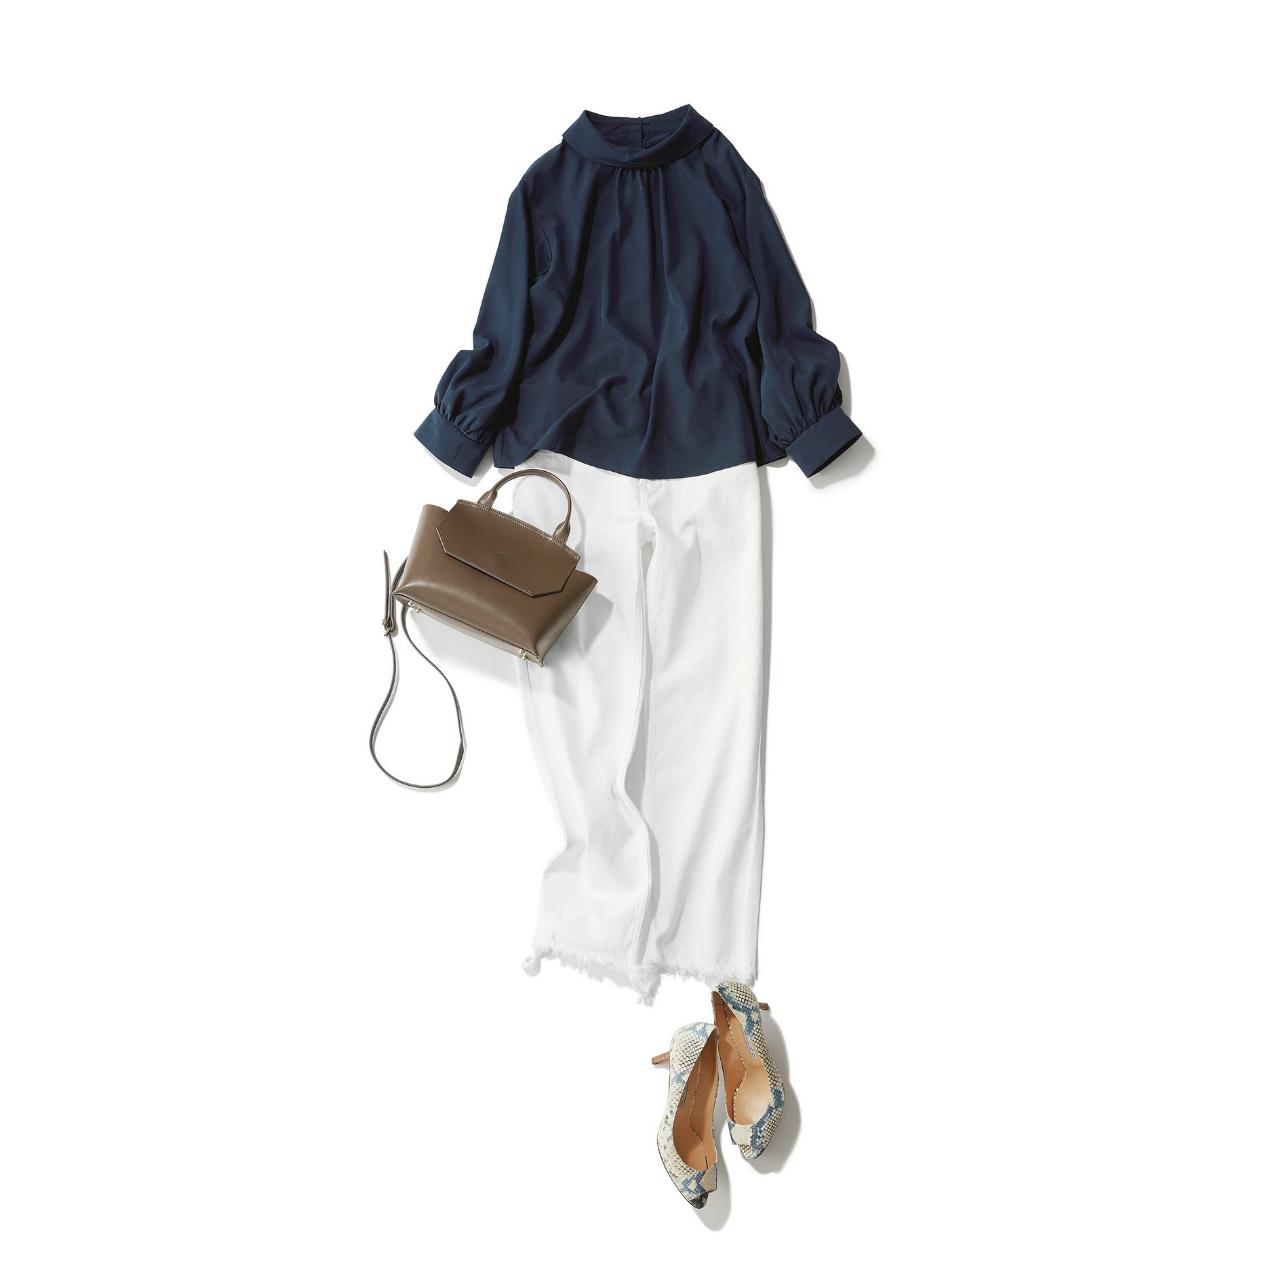 ネイビーブラウス×白パンツのファッションコーデ